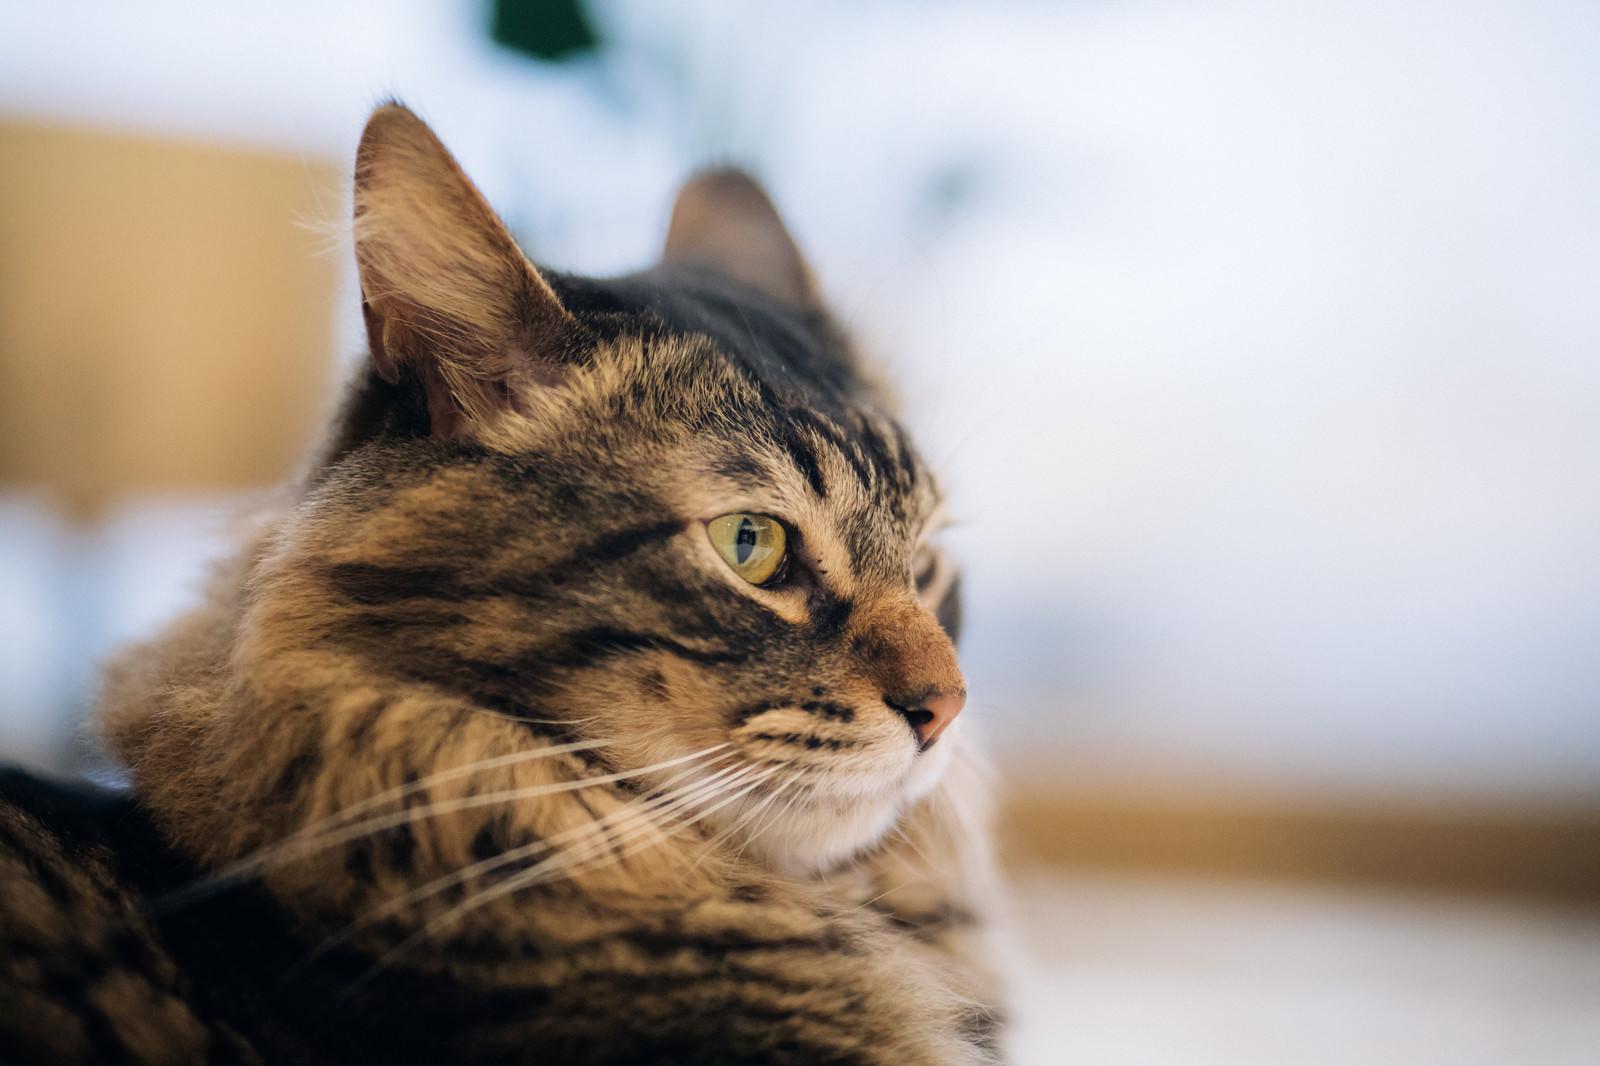 「カッパー色の猫の目」の写真